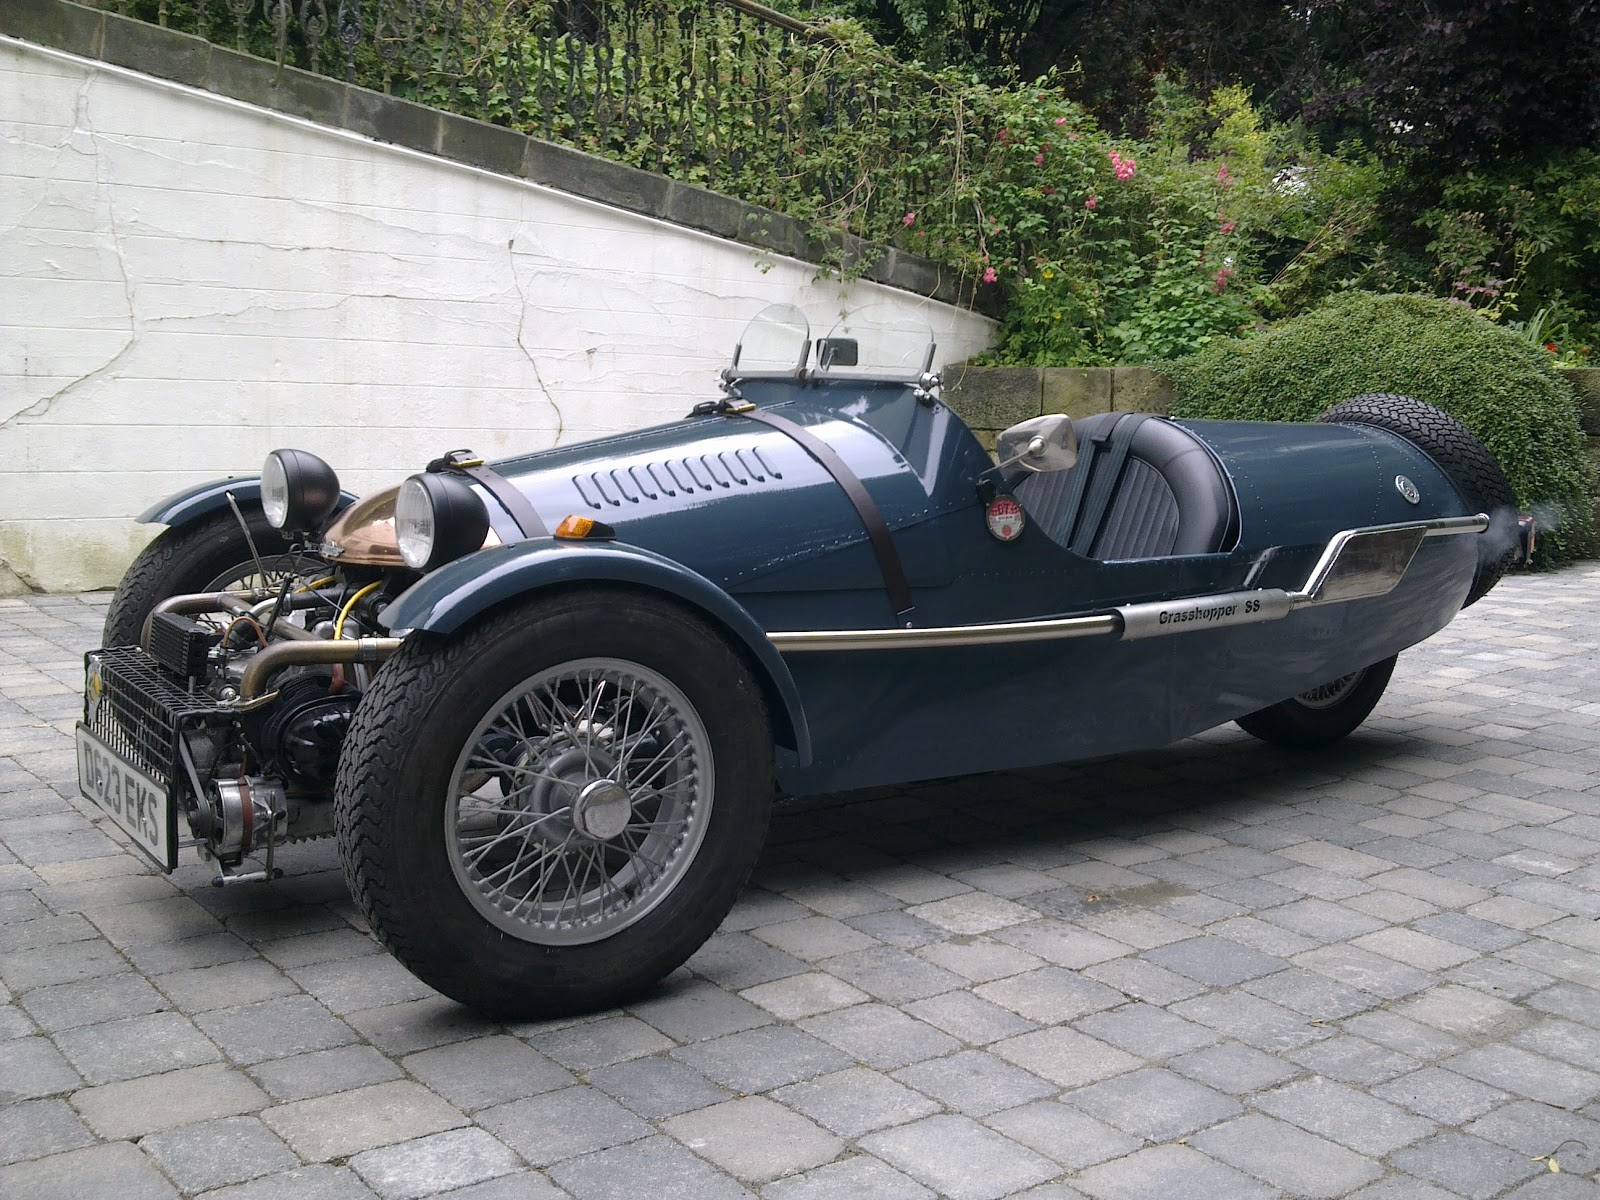 Wheel Refurbishment Near Me >> JG's Pembleton Supersport project : The Diary of my Pembleton SS kit car build